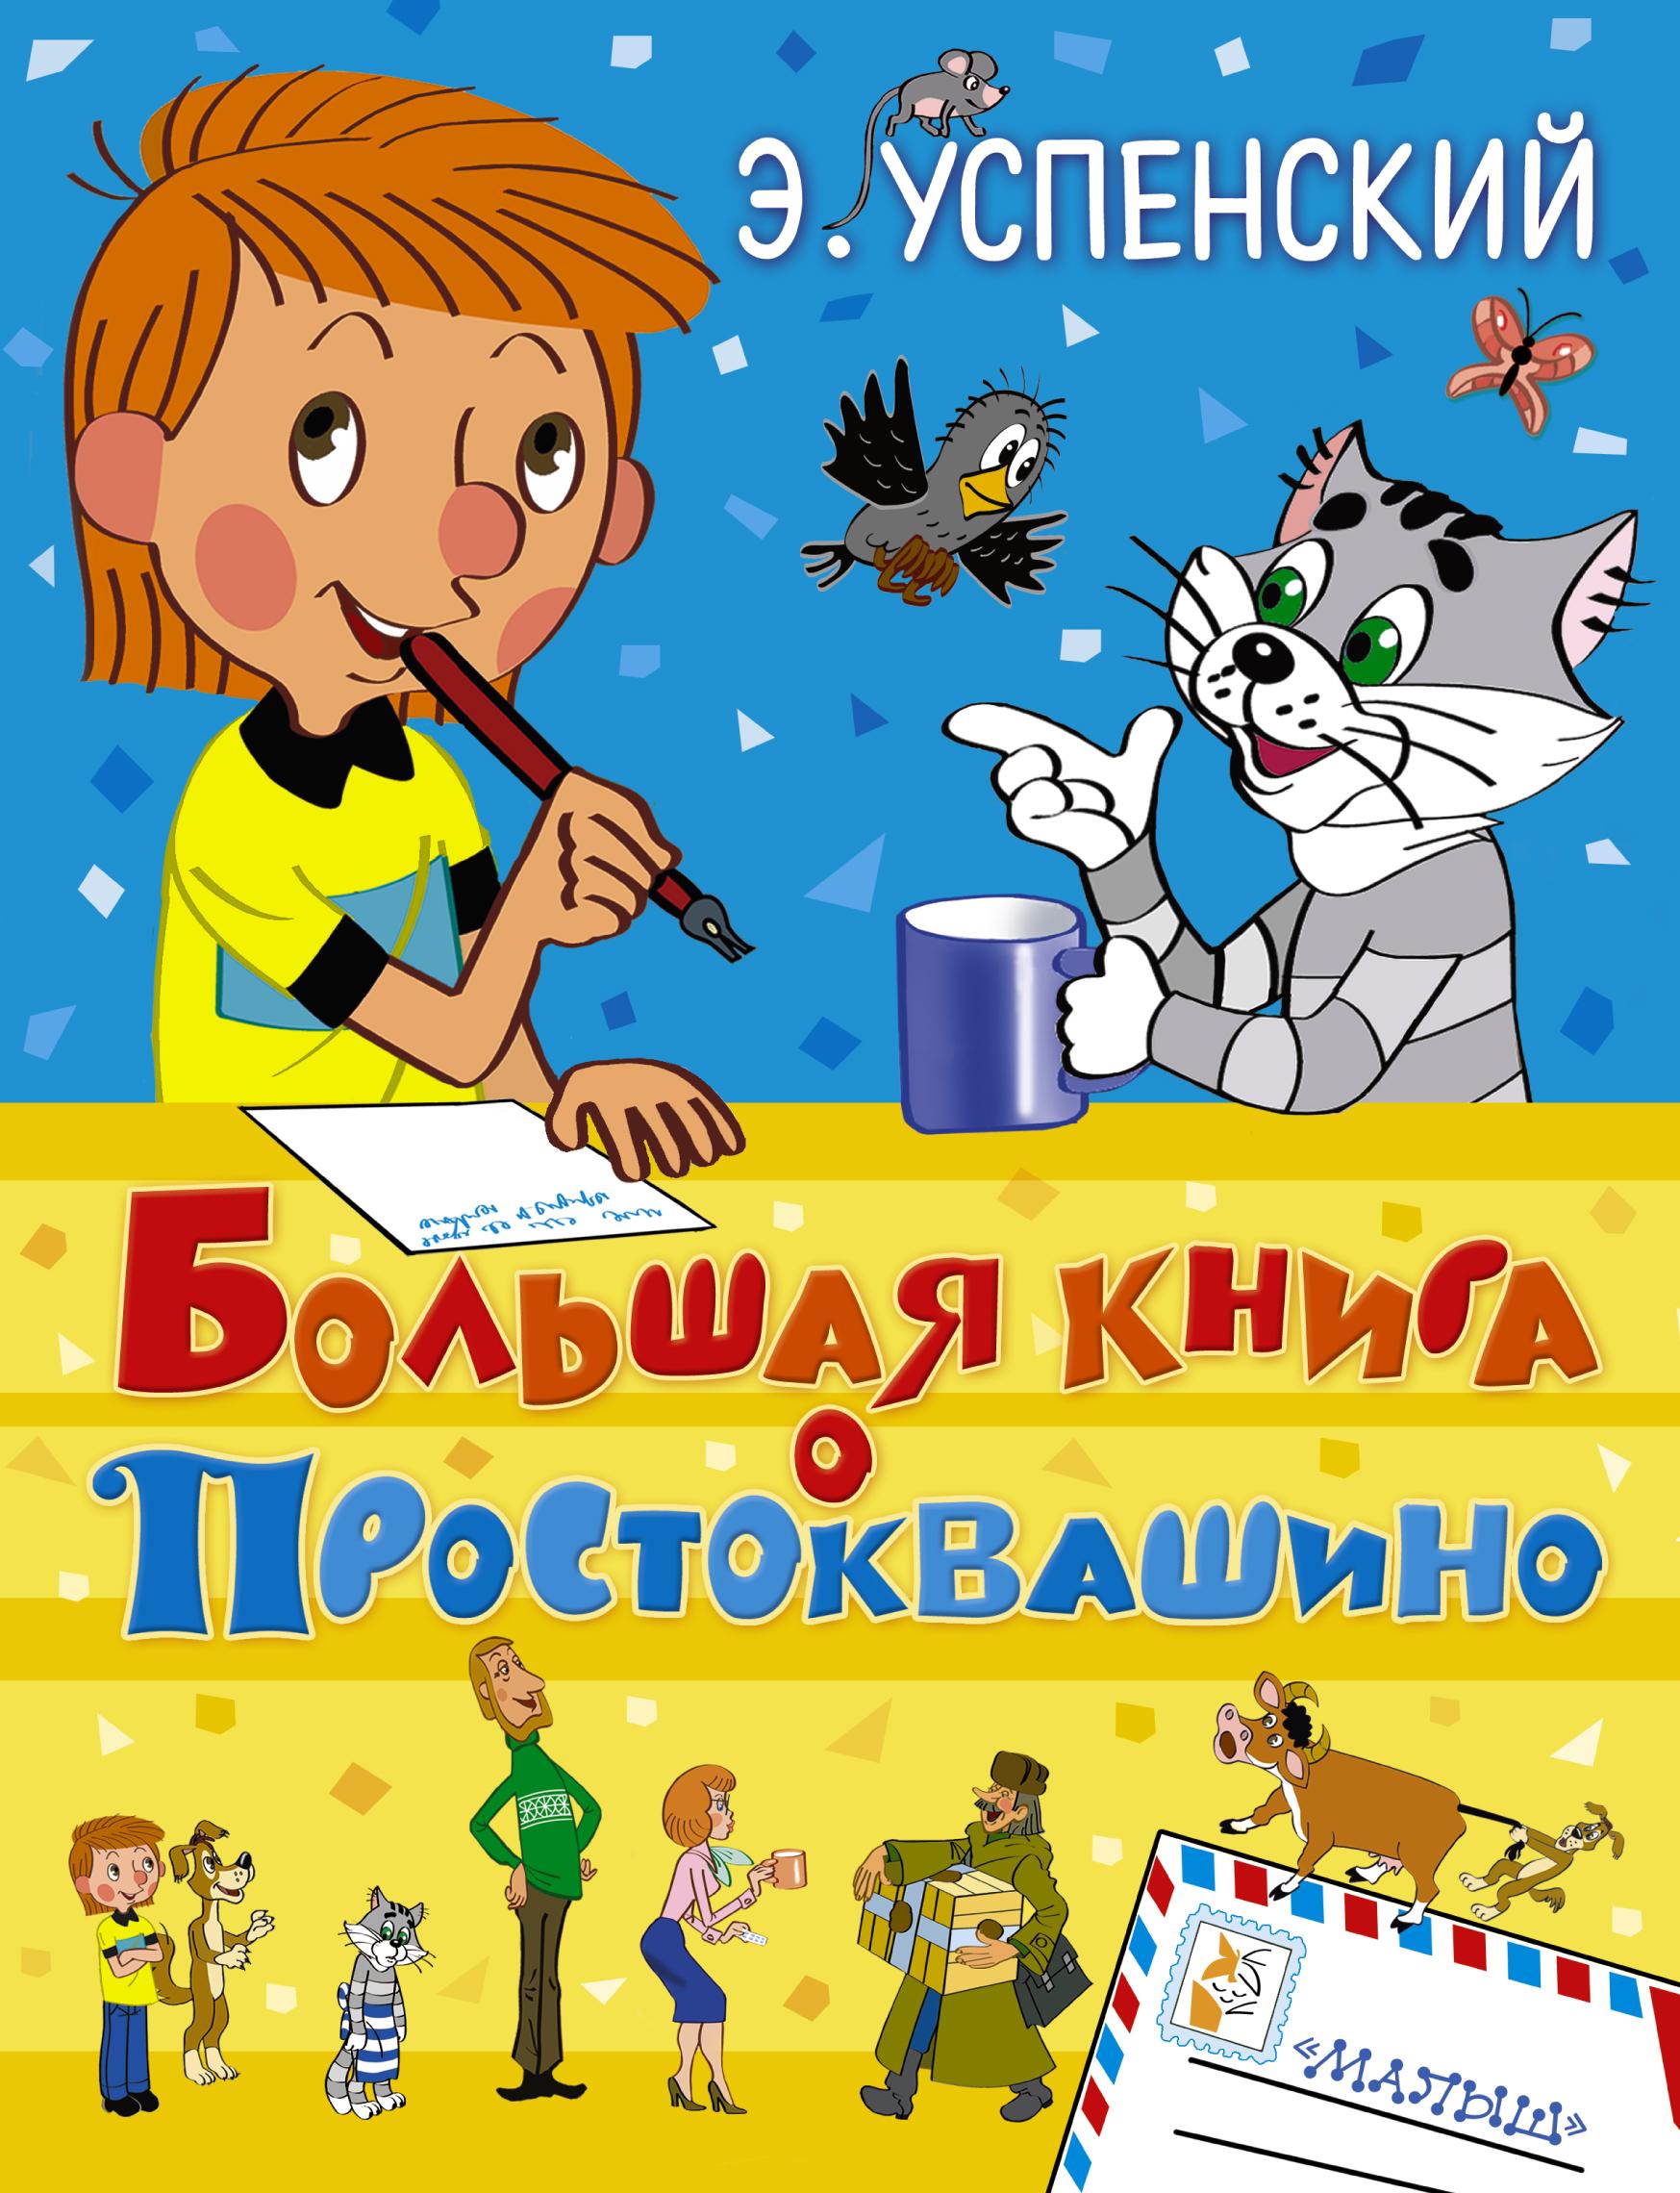 Успенский Э.Н. Большая книга о Простоквашино бологова в моя большая книга о животных 1000 фотографий